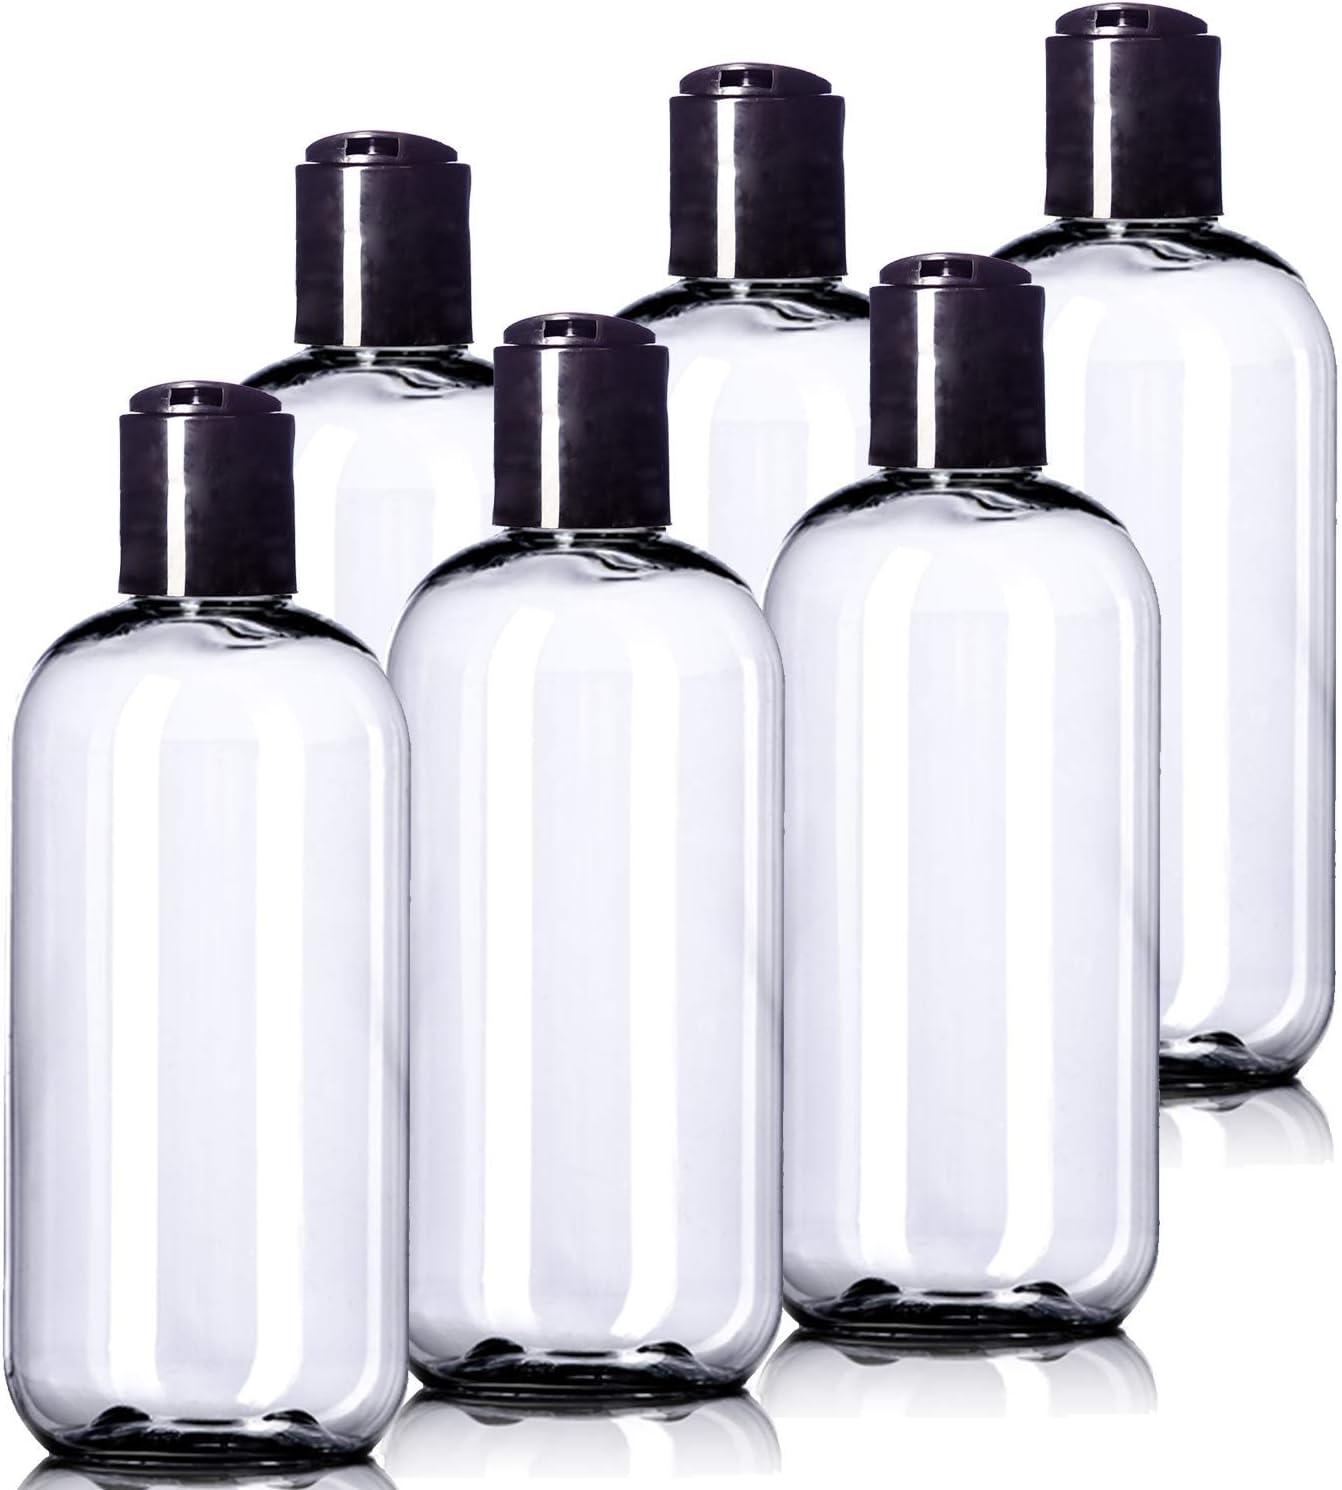 Aromine 8oz Plastic Clear Bottles